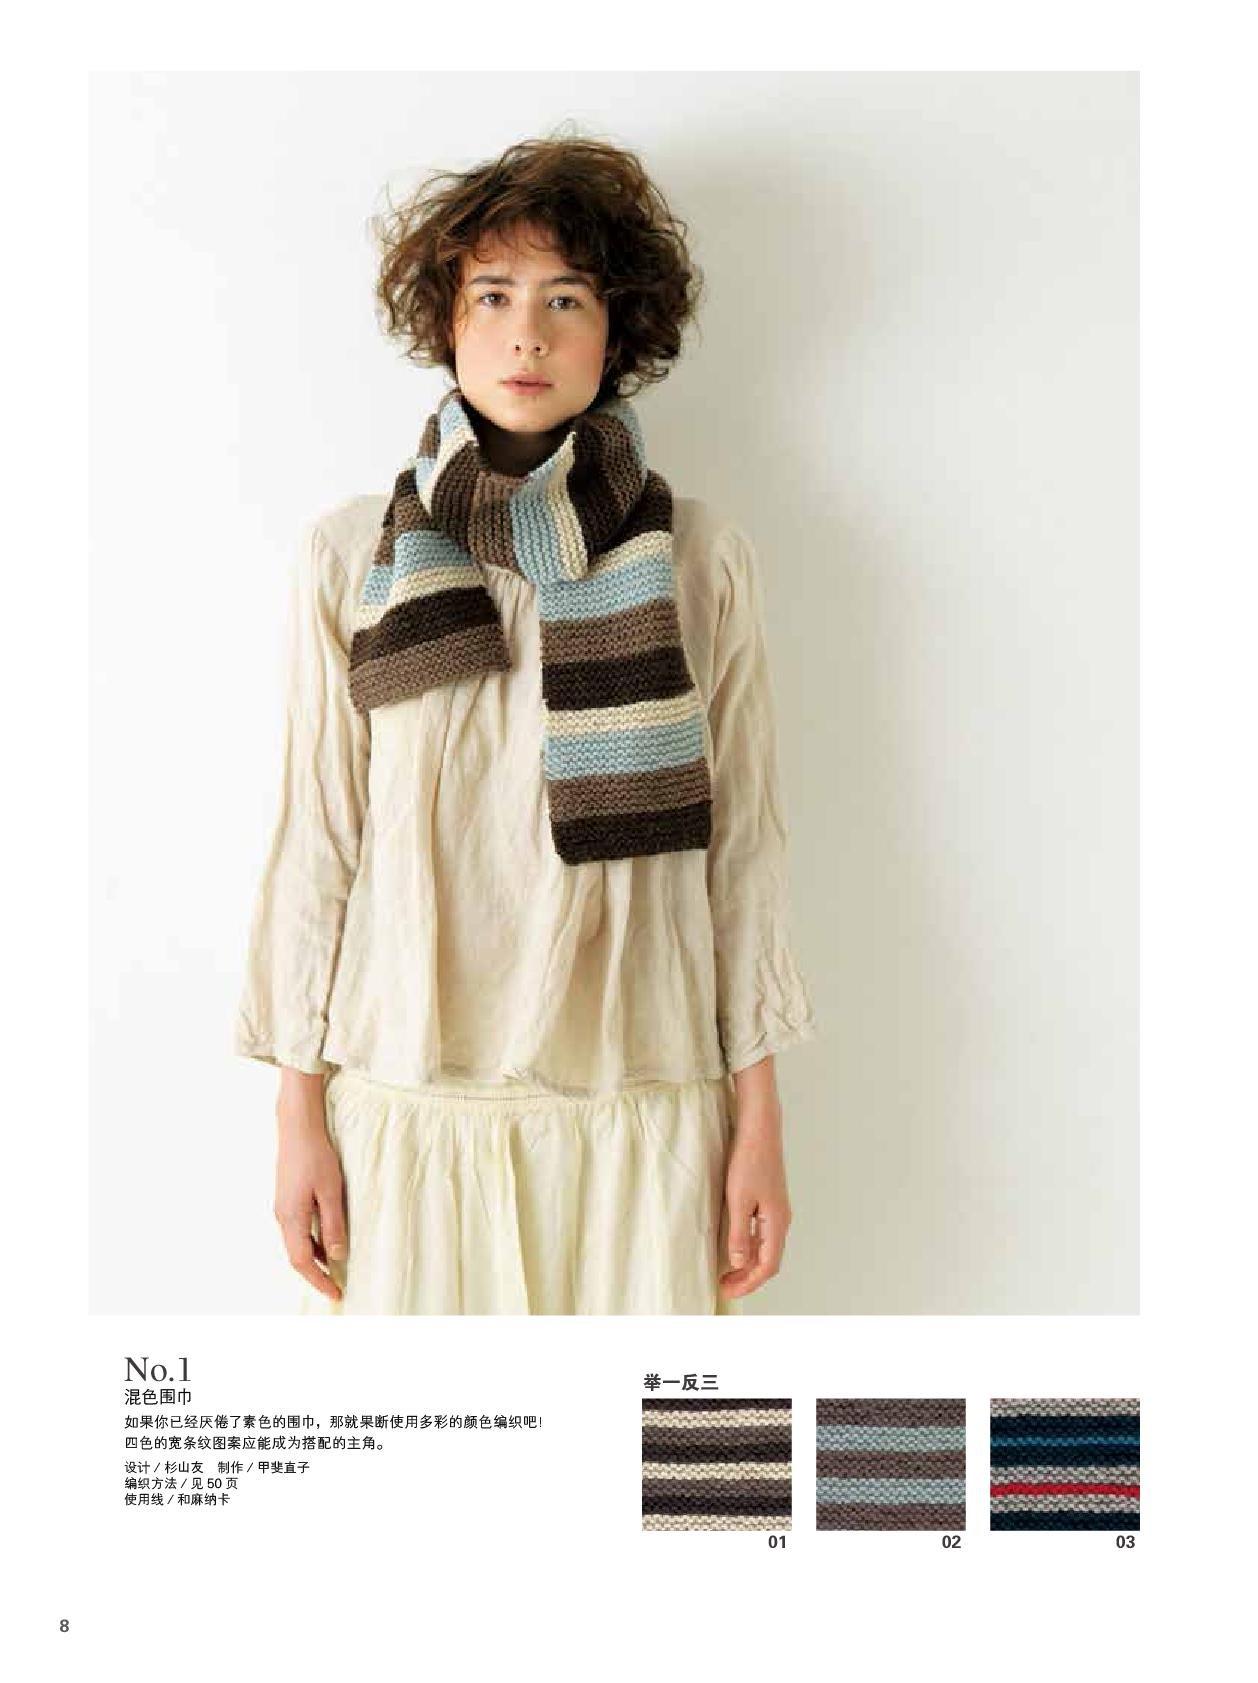 下针编织的帽子和围巾内文-9.jpg